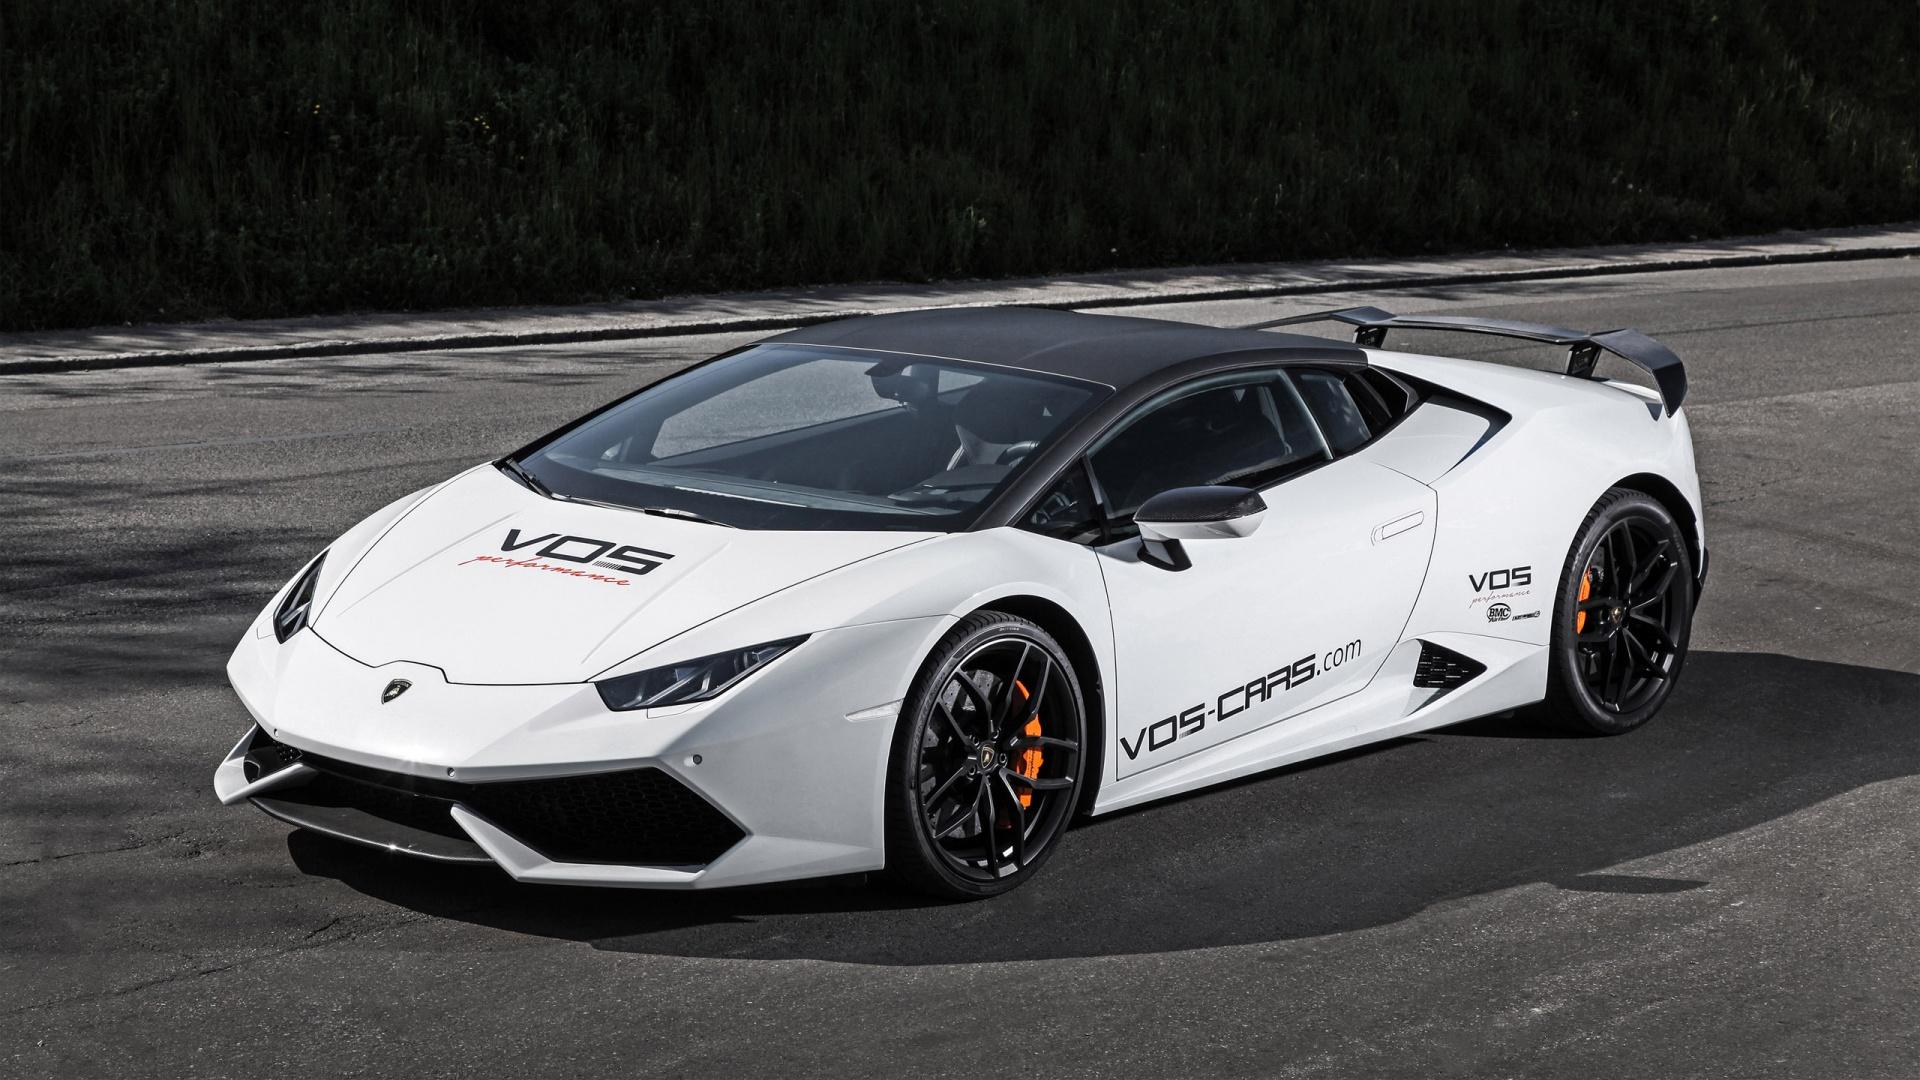 Carbon Wallpaper Iphone X Fondos De Pantalla De Lamborghini Wallpapers Hd Gratis